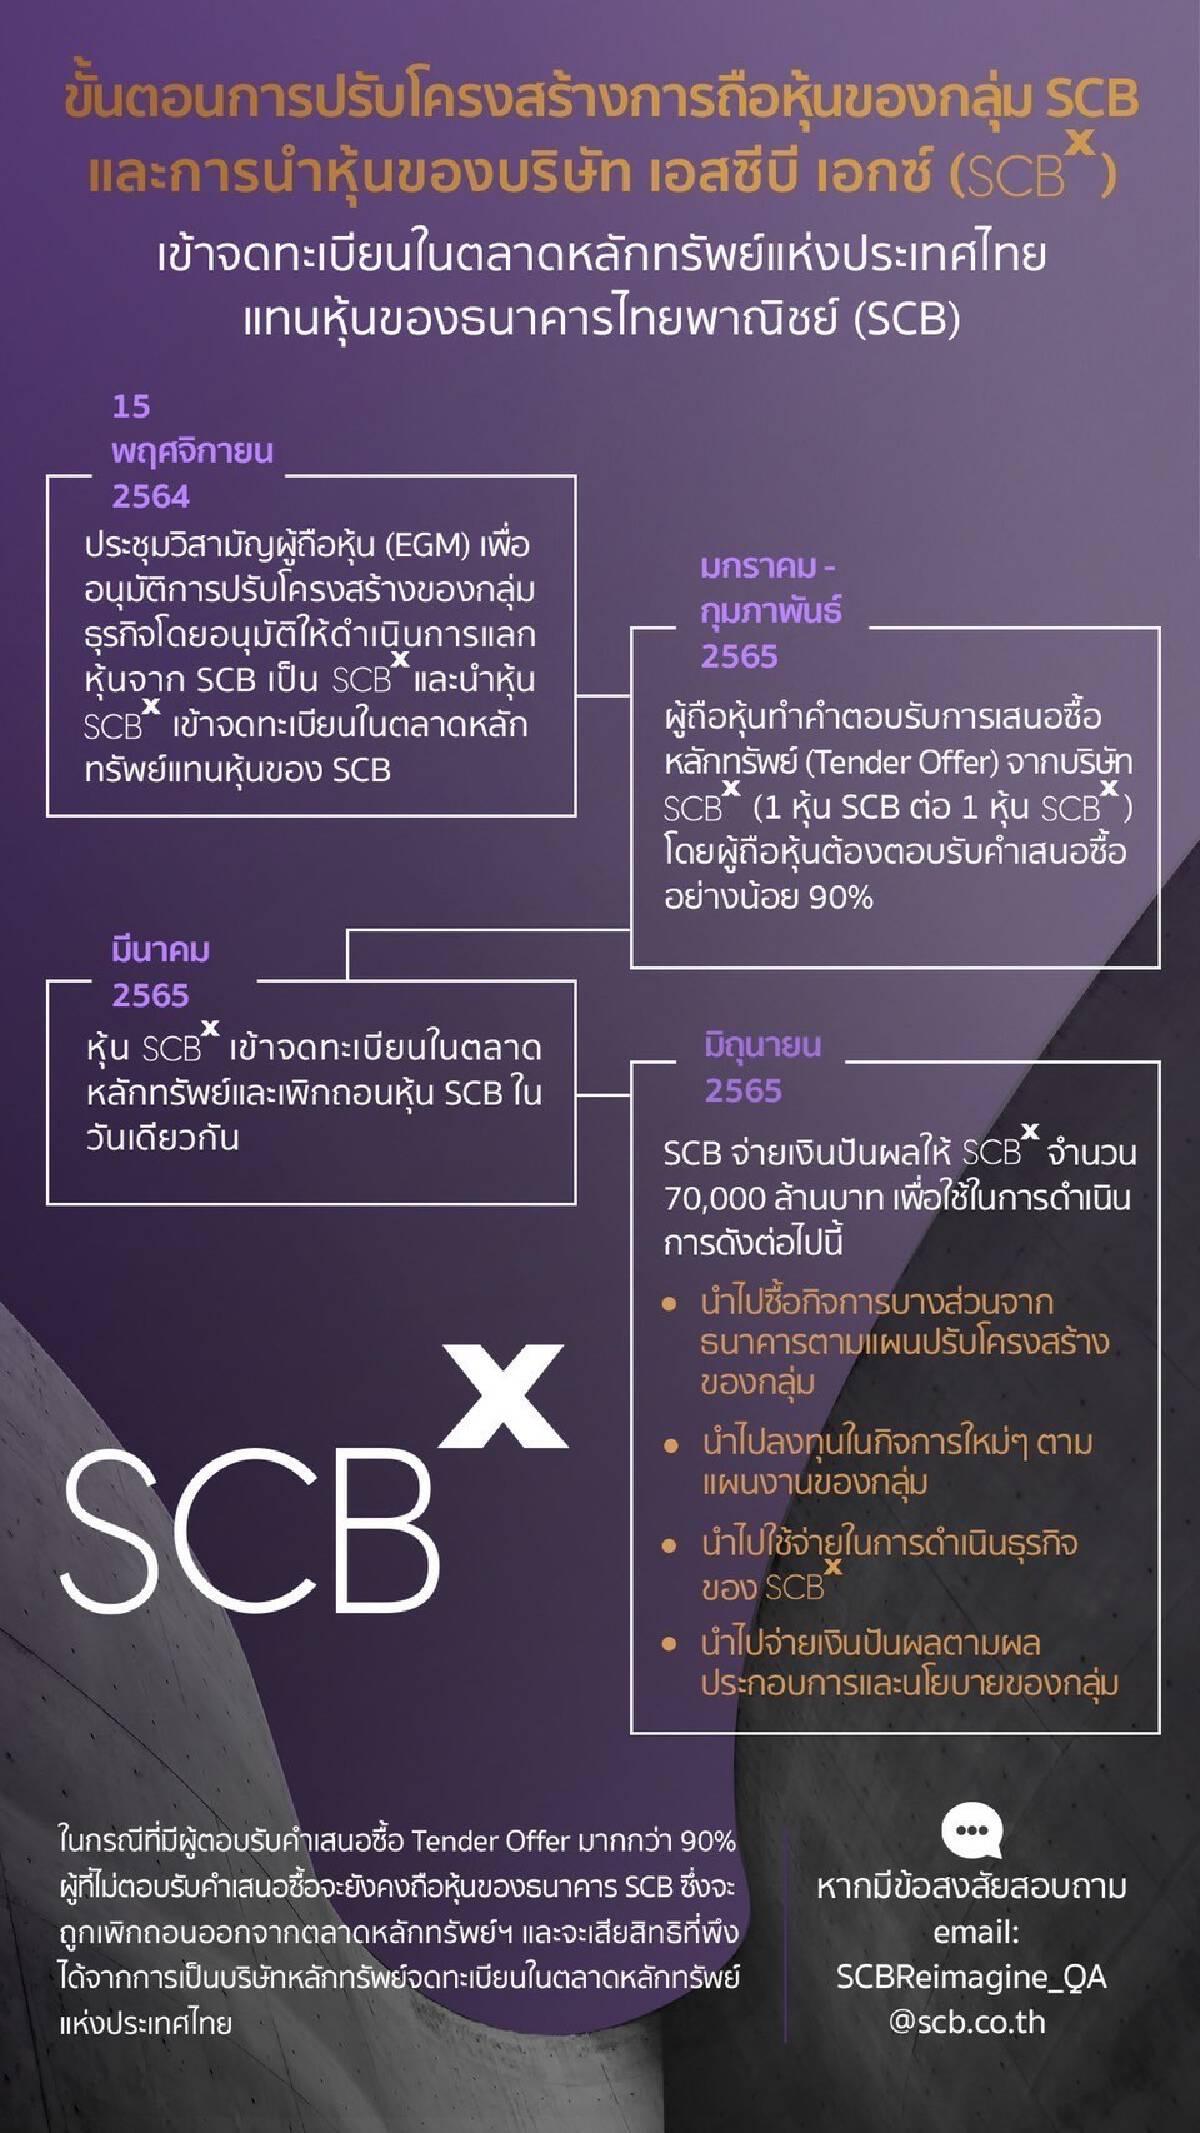 """ไทม์ไลน์ปรับโครงสร้าง""""SCBx""""ก่อนเข้าตลาดหุ้น มี.ค.65 พร้อมชื่อผู้บริหาร"""